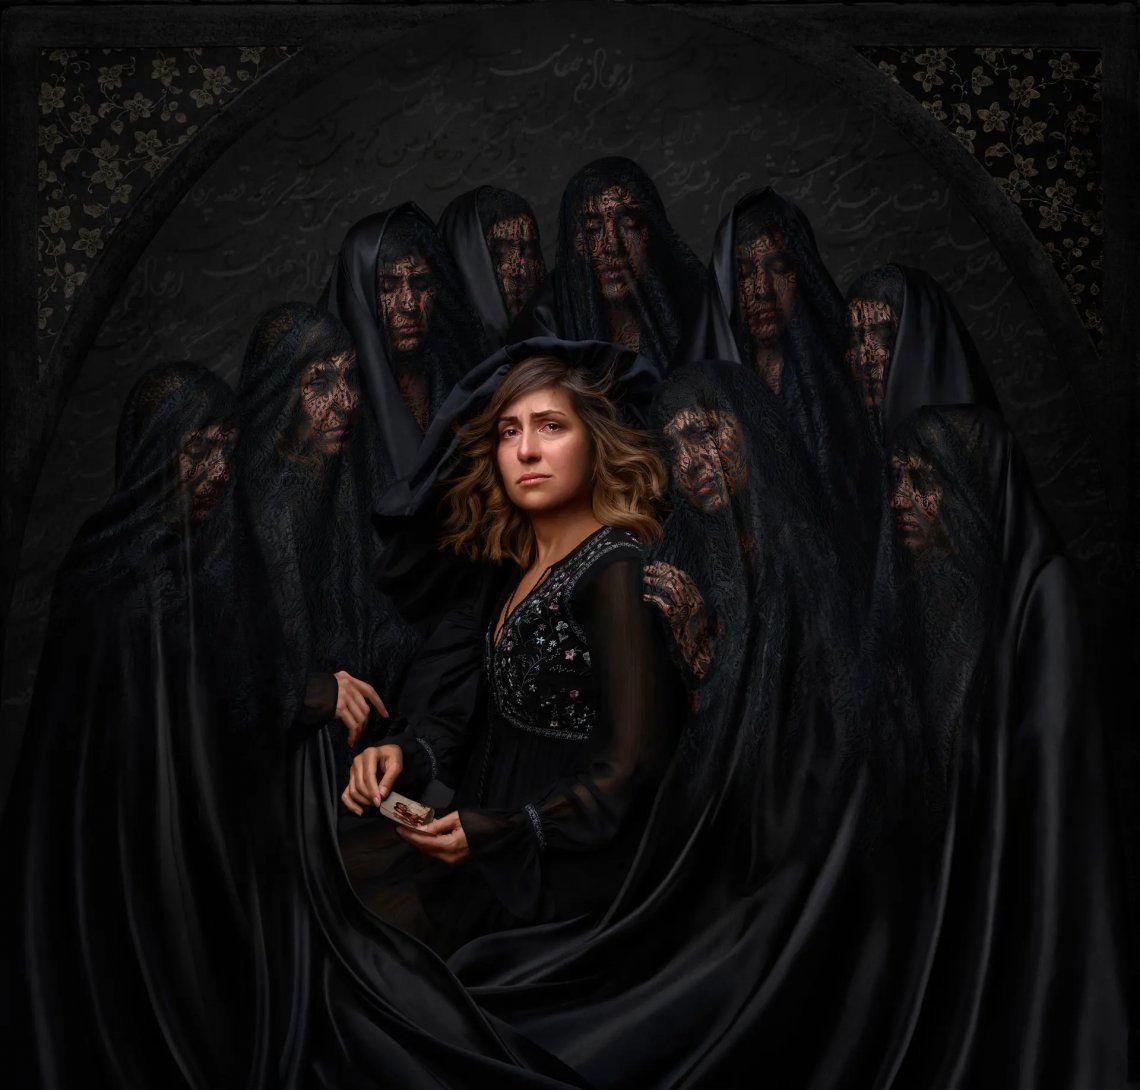 La soledad del dolor. Forough Yavari ganó el segundo premio en la categoría de historia de retrato por esta imagen.